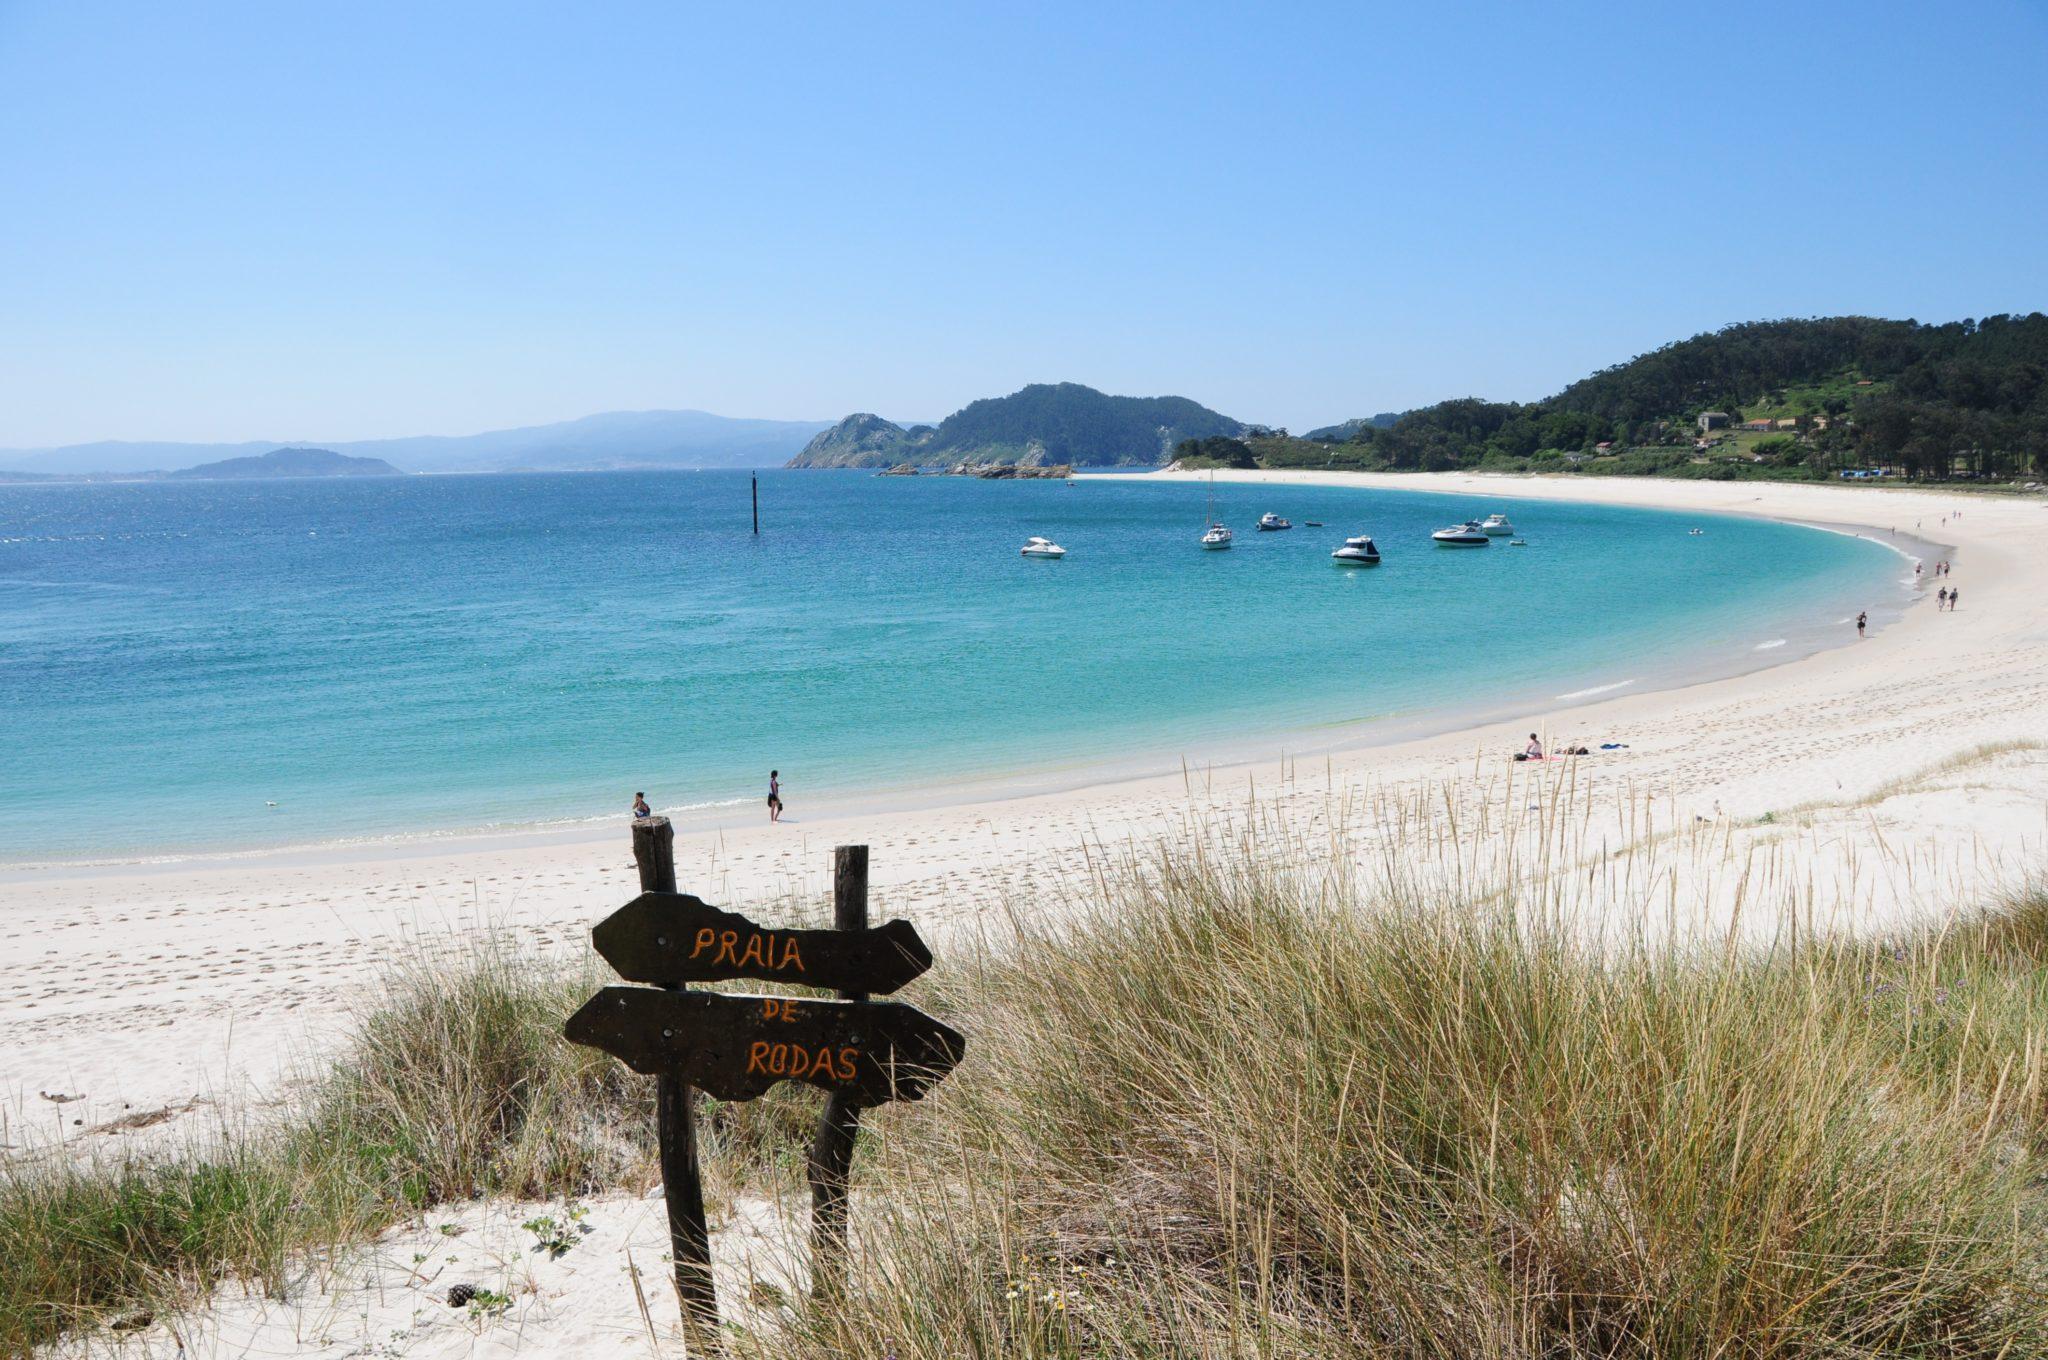 Playa_de_Rodas_Islas_Cies_ Galicia